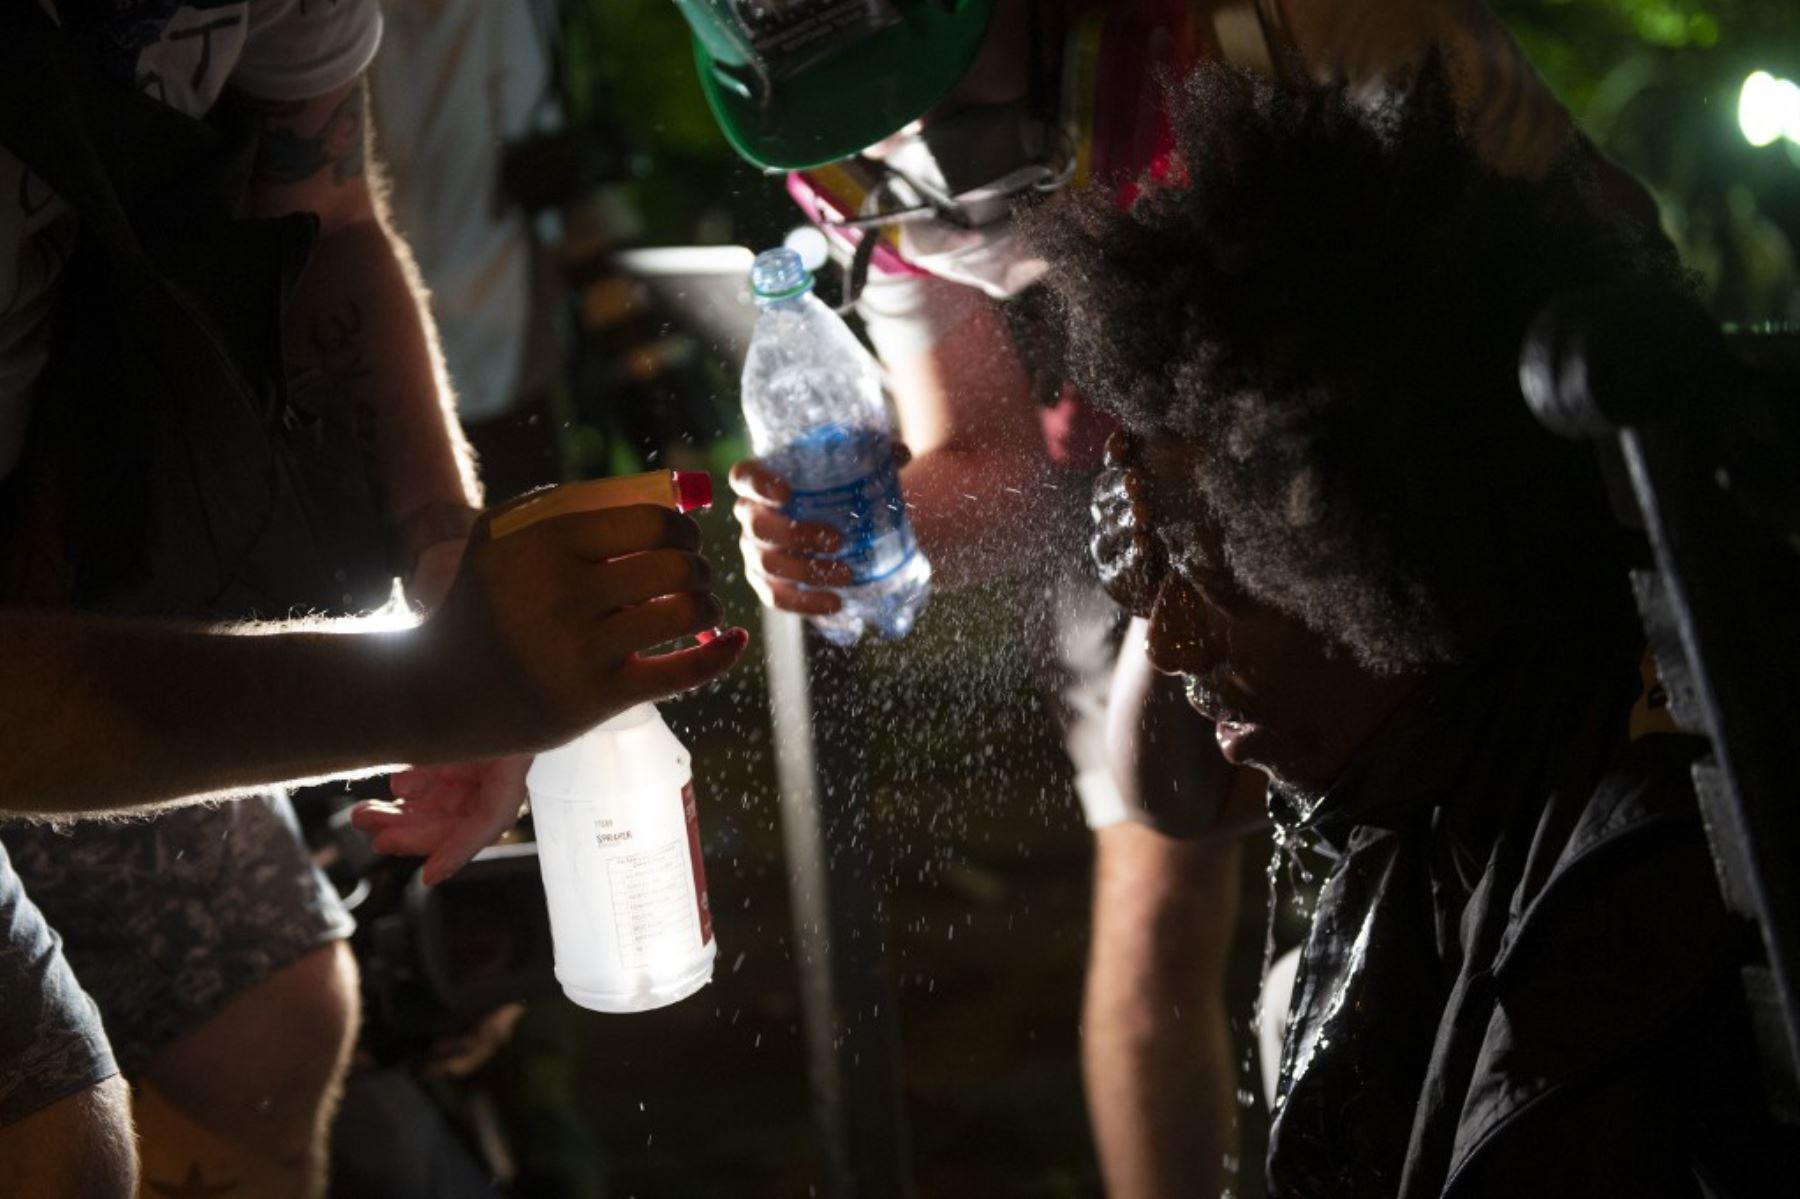 Los manifestantes se rociaron agua en los ojos después de que la policía disparó gases lacrimógenos durante una protesta contra la muerte de George Floyd cerca de la Casa Blanca en Washington, DC. Foto: AFP